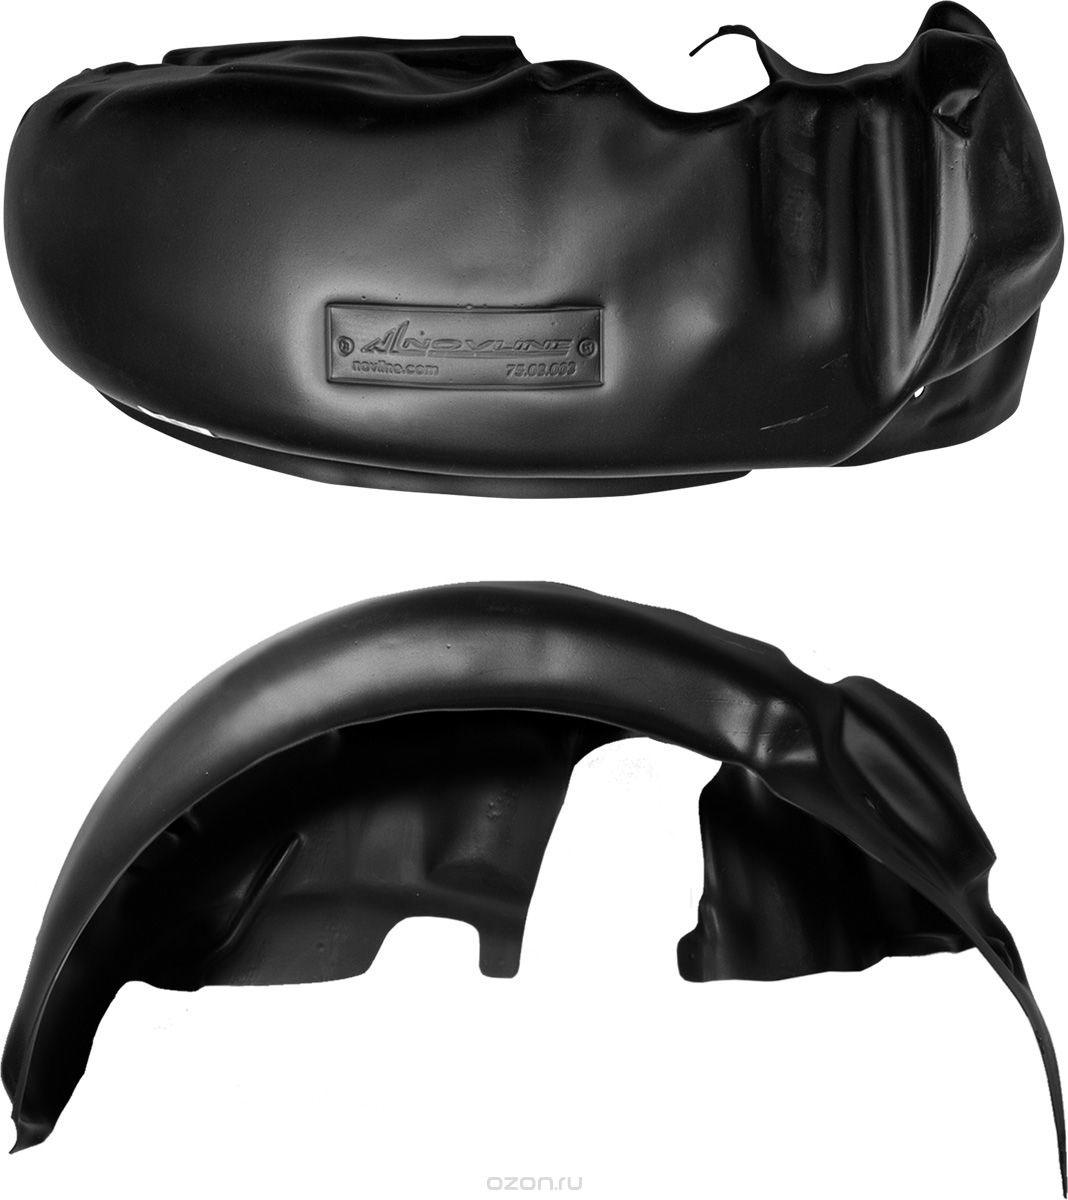 Подкрылок Novline-Autofamily, для TOYOTA Land Cruiser Prado 01/2003-2009, передний правыйVCA-00Идеальная защита колесной ниши. Локеры разработаны с применением цифровых технологий, гарантируют максимальную повторяемость поверхности арки. Изделия устанавливаются без нарушения лакокрасочного покрытия автомобиля, каждый подкрылок комплектуется крепежом. Уважаемые клиенты, обращаем ваше внимание, что фотографии на подкрылки универсальные и не отражают реальную форму изделия. При этом само изделие идет точно под размер указанного автомобиля.